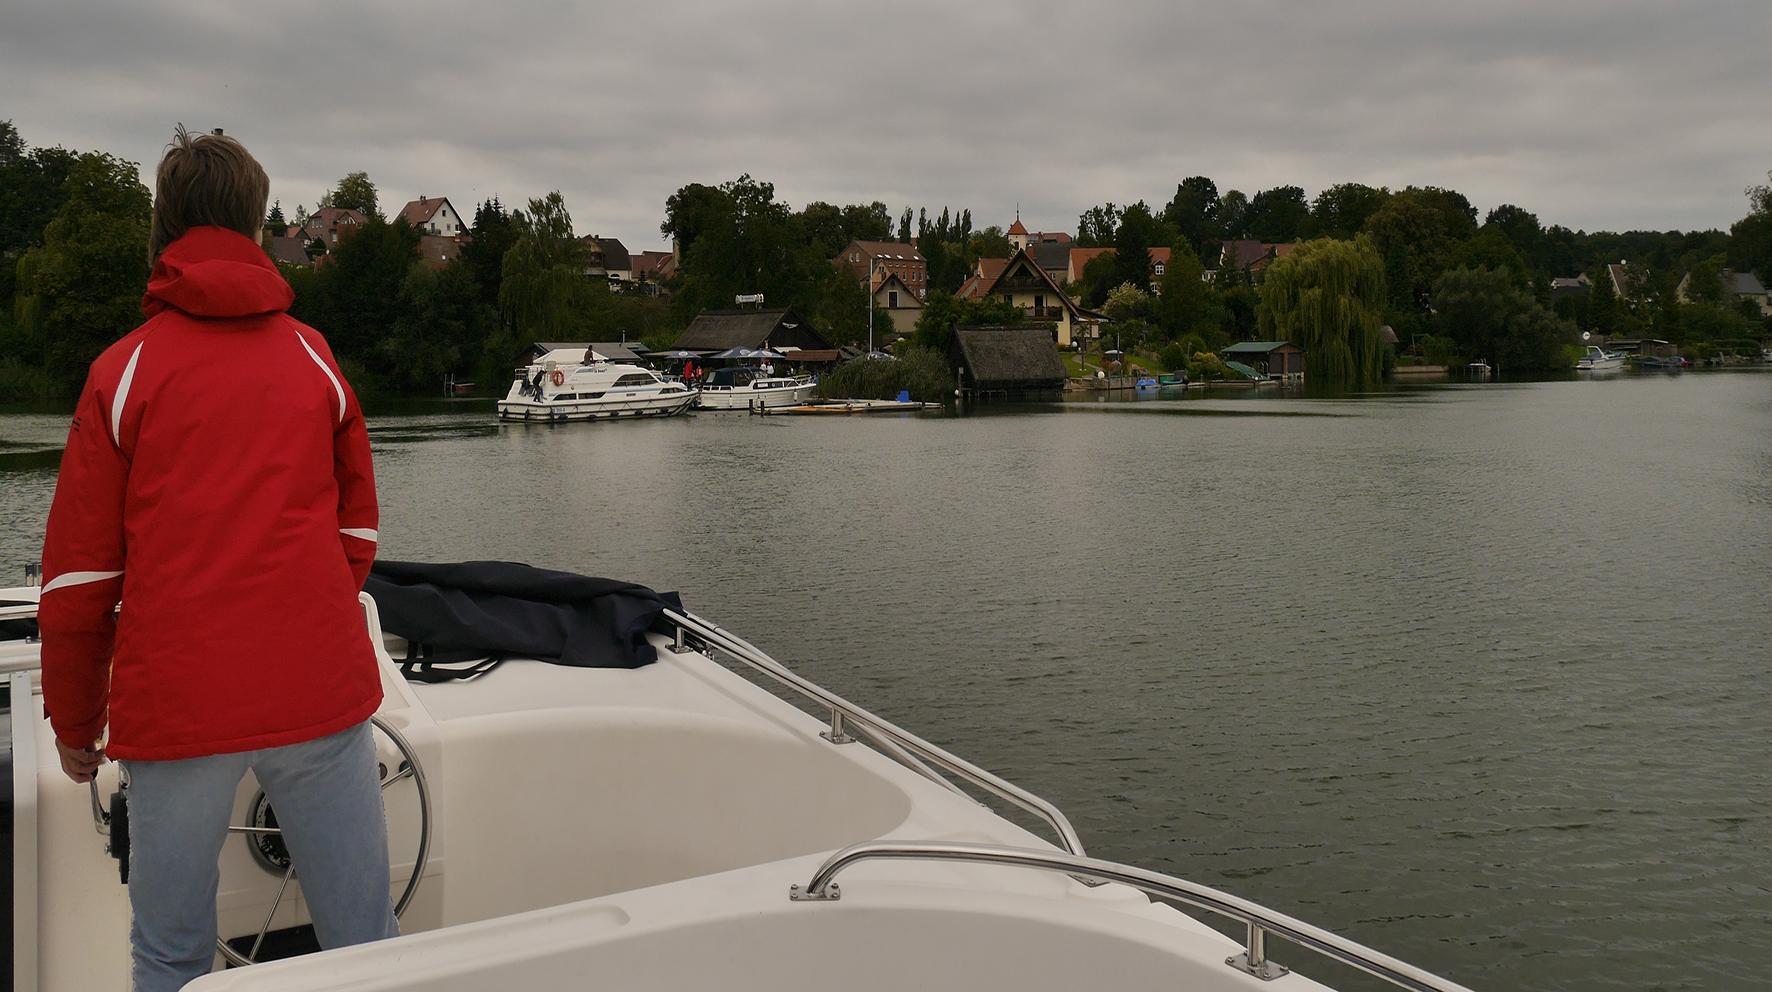 Mensch-auf-Boot